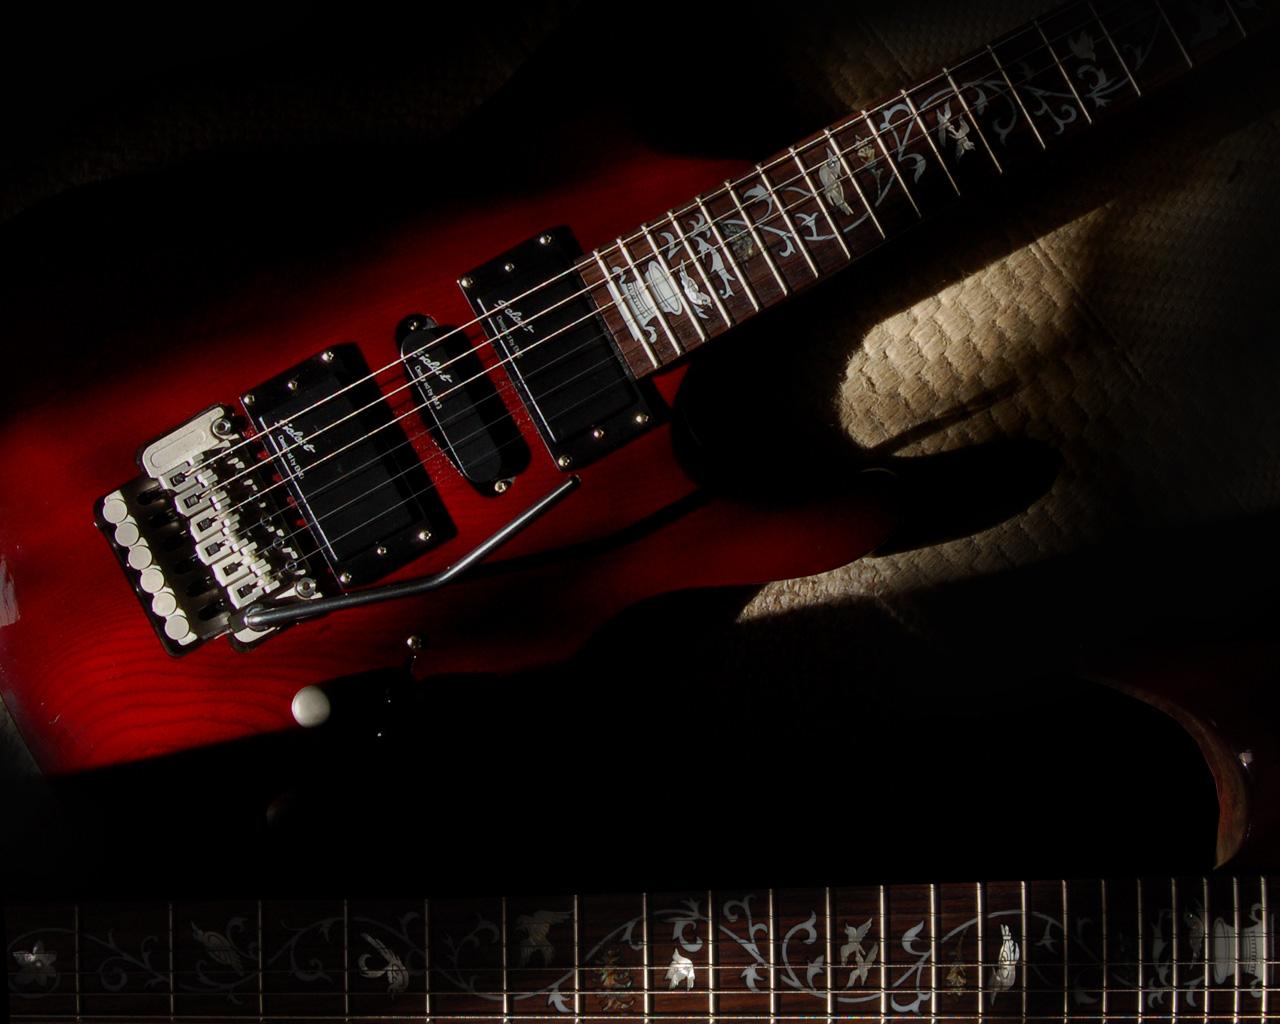 Electric Guitar Wallpaper - WallpaperSafari